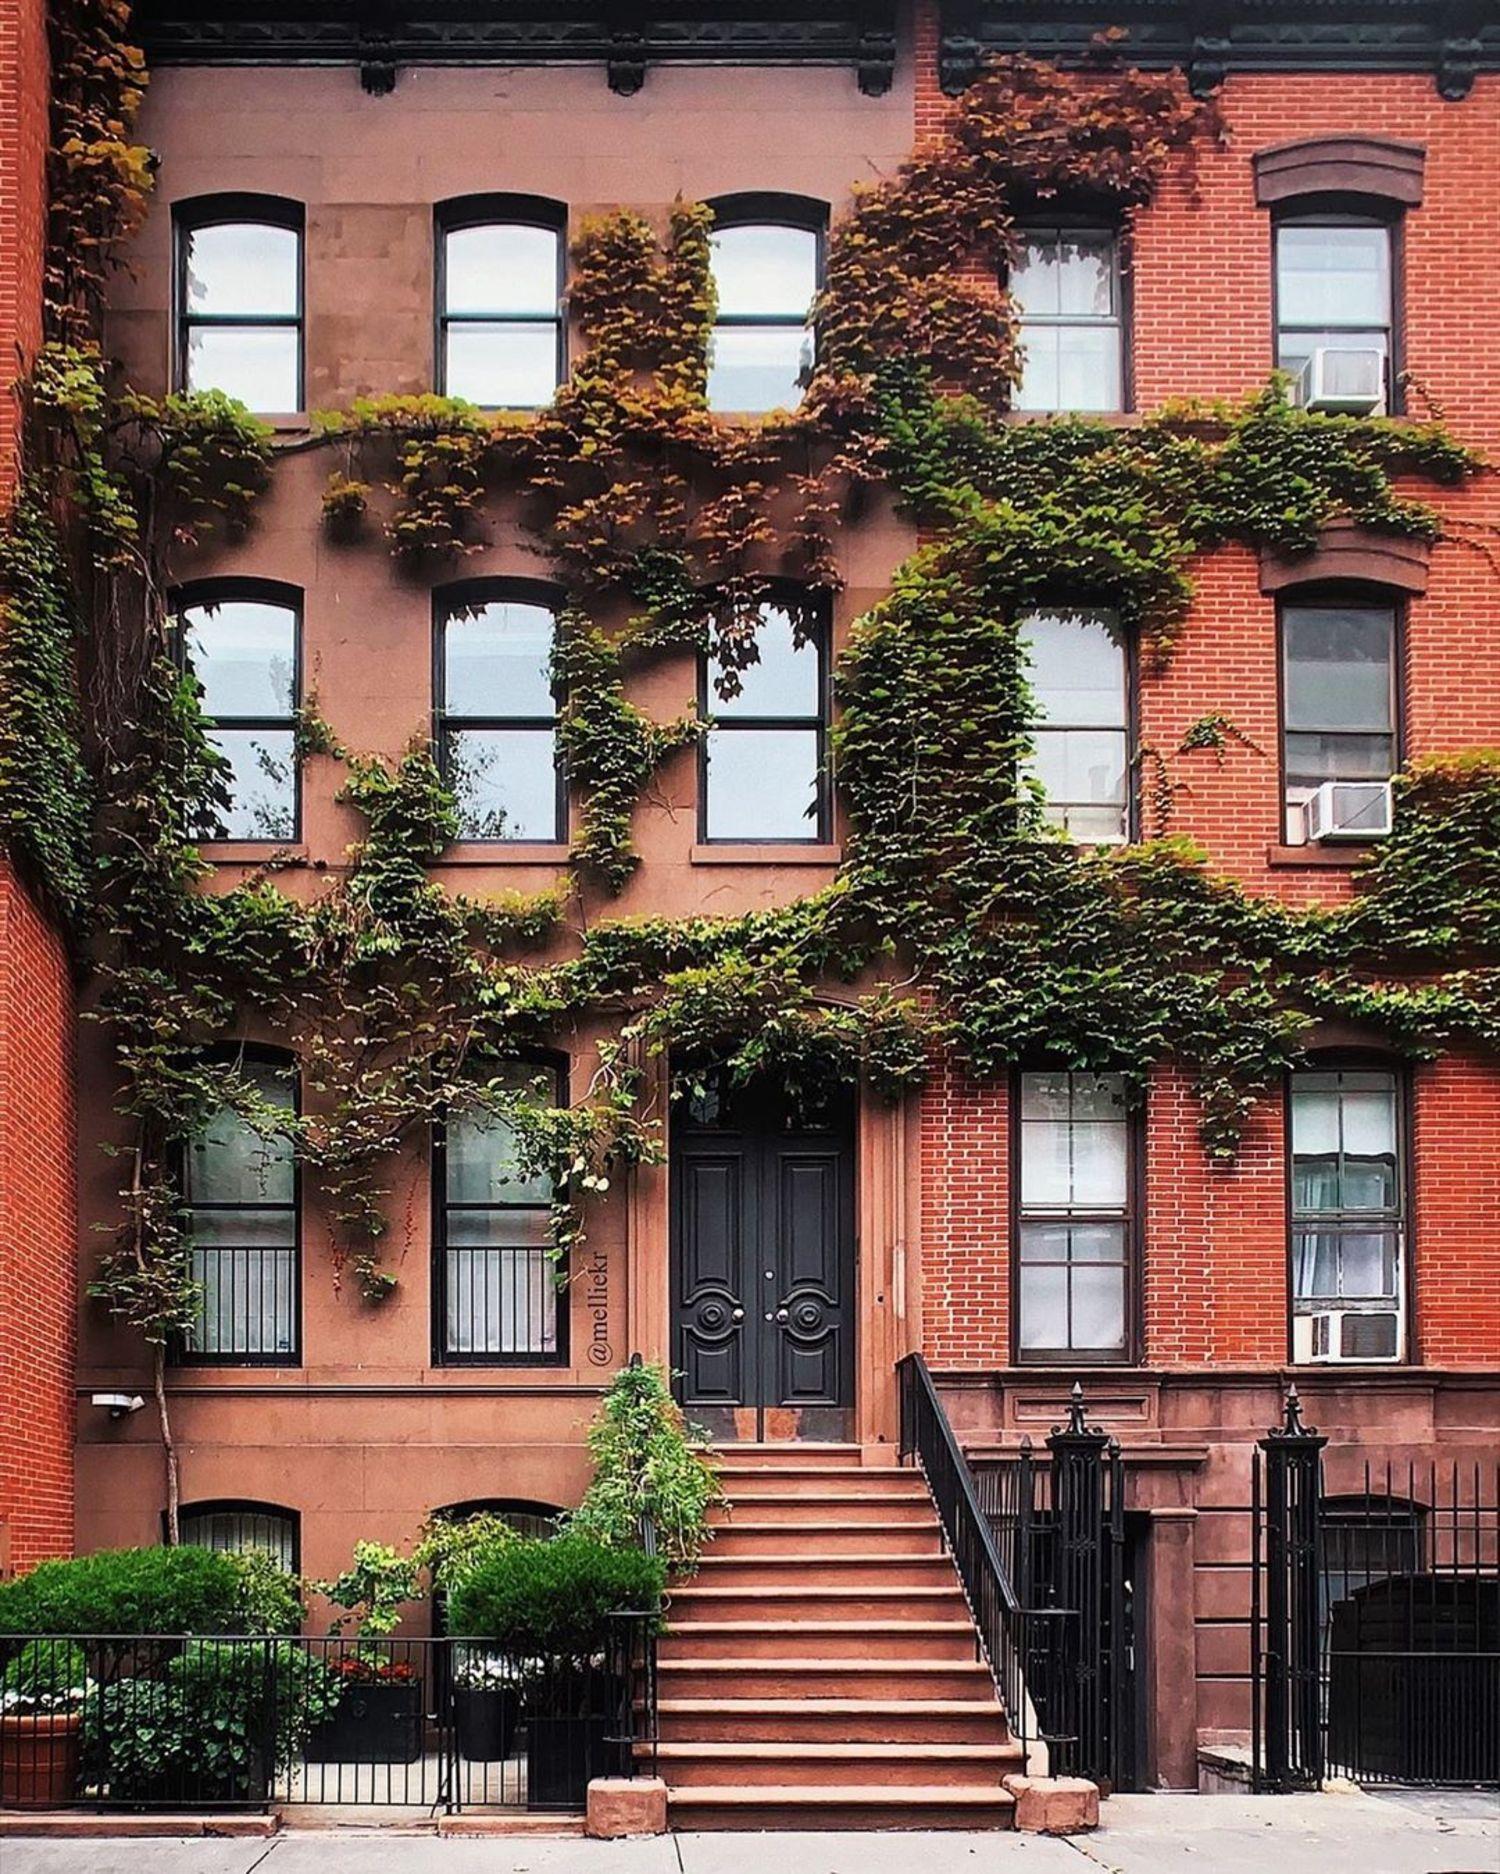 West Village, Manhattan